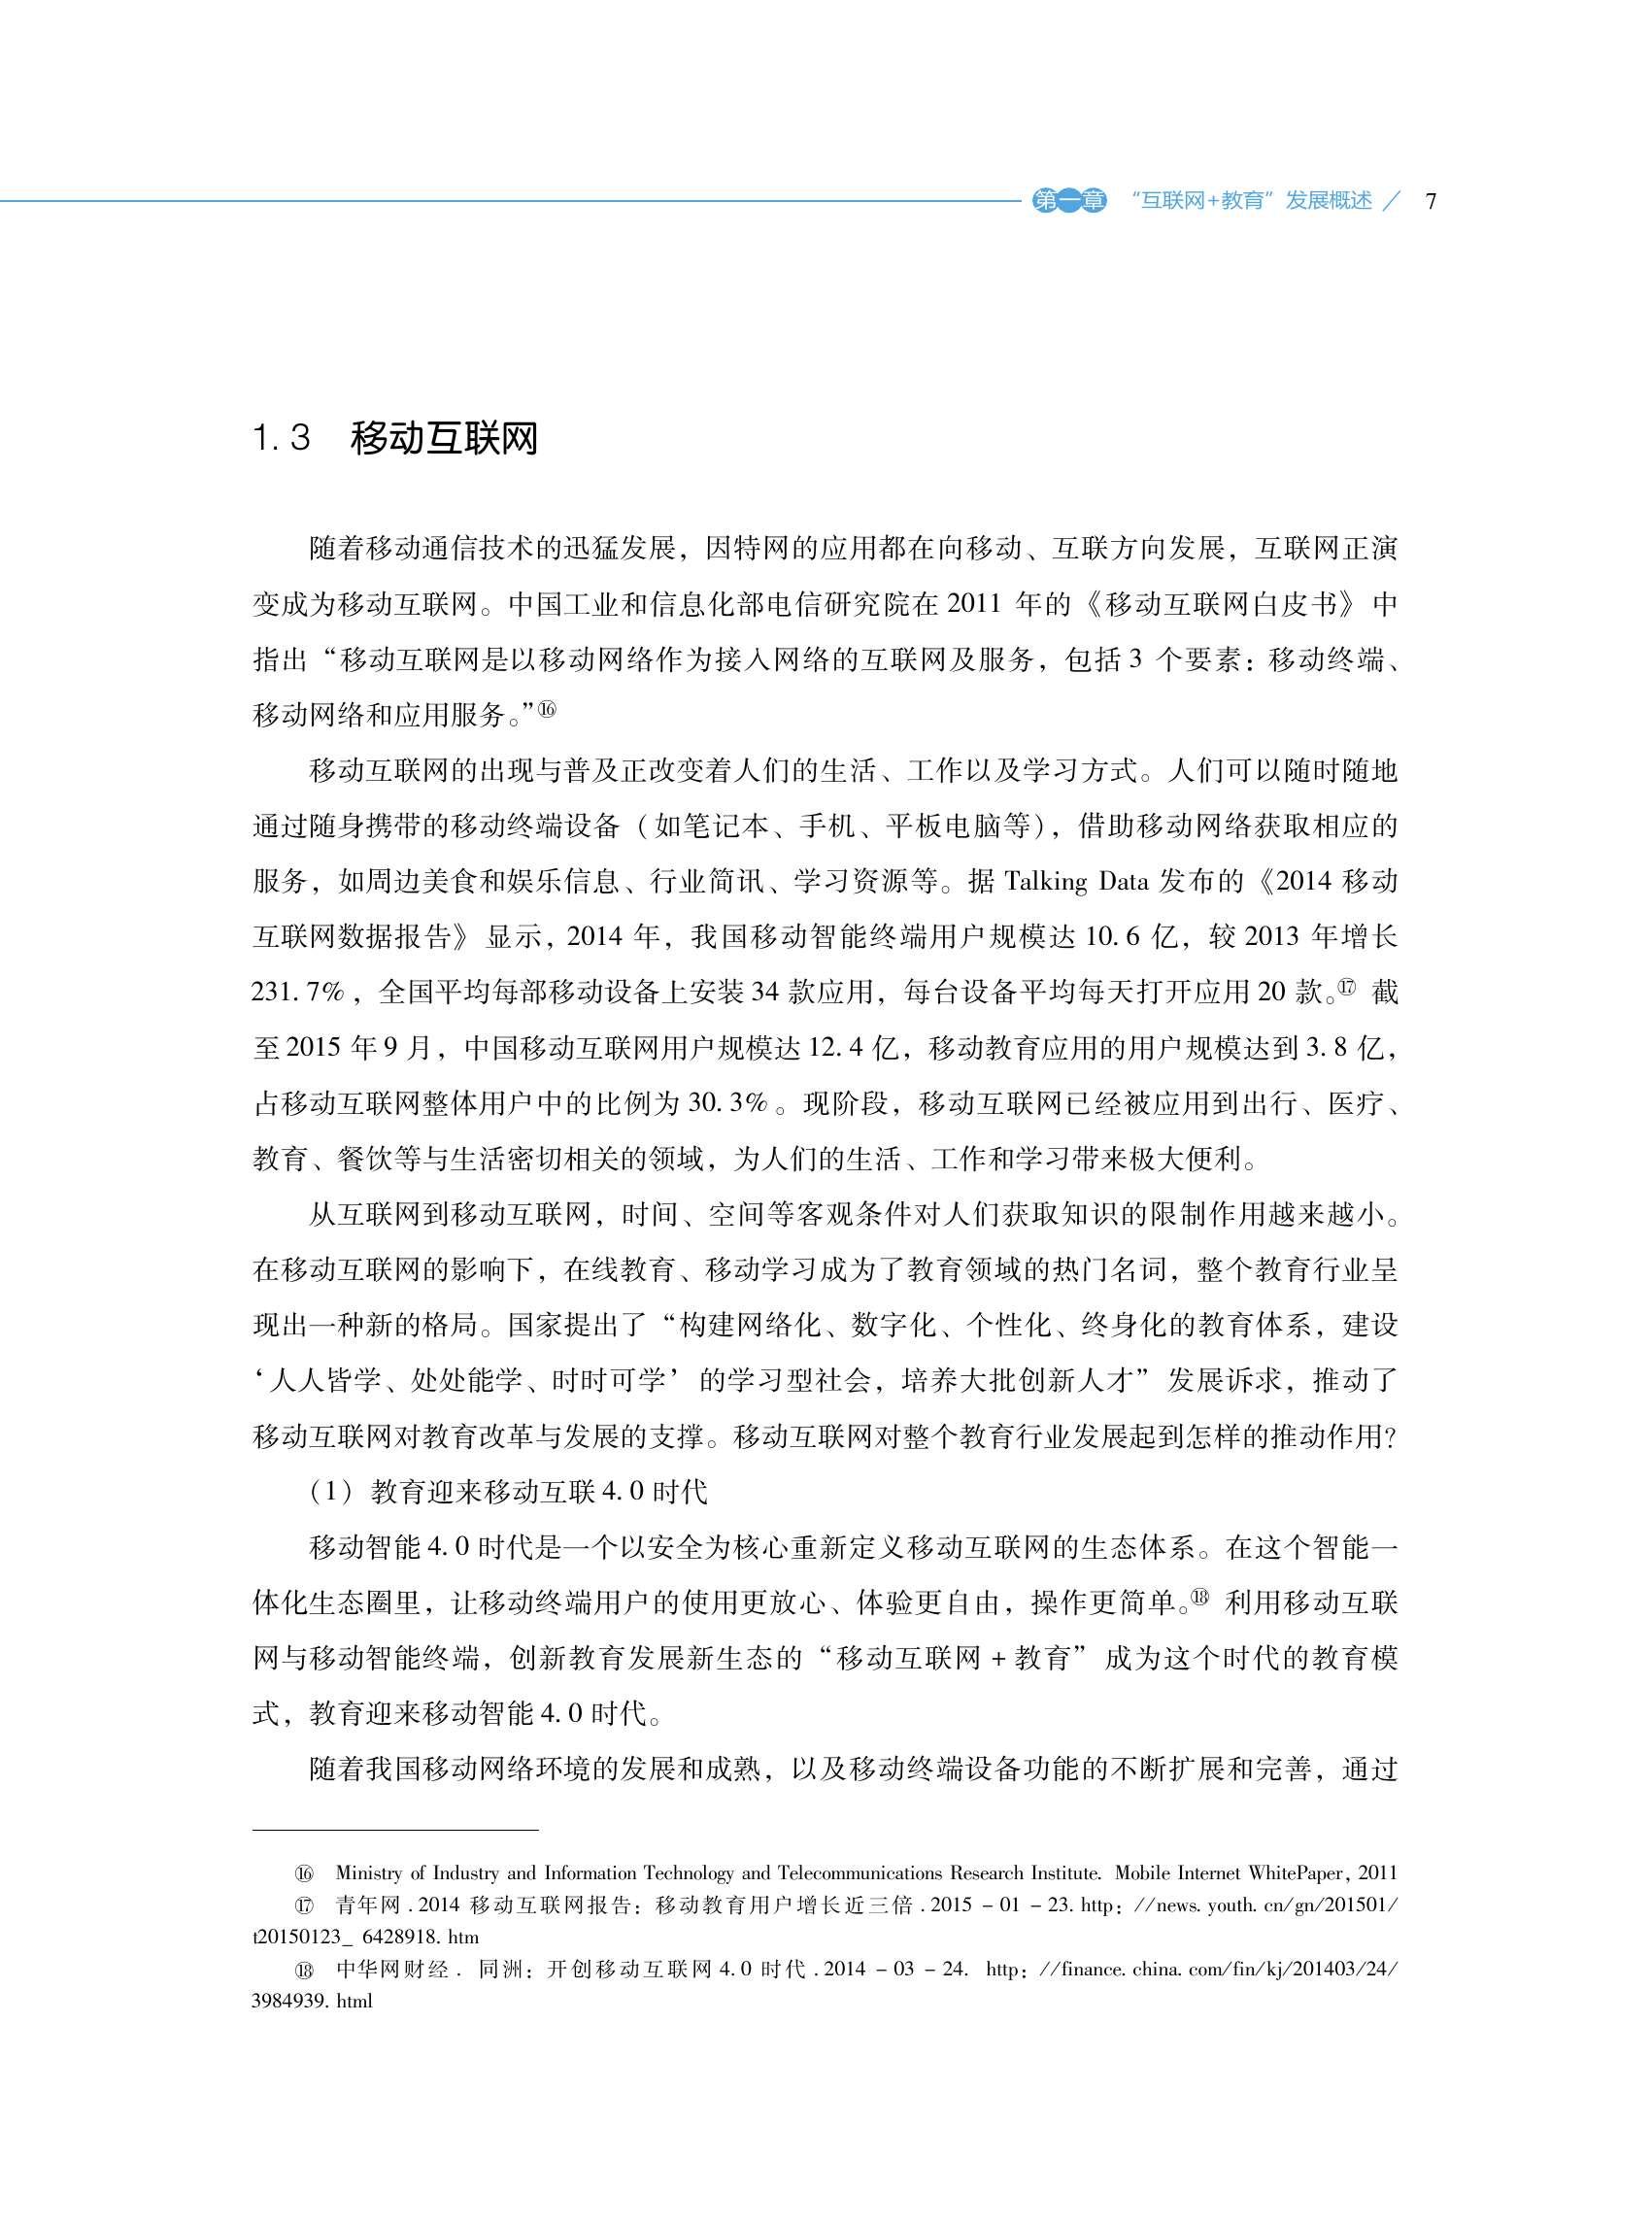 2015年中国互联网学习白皮书_000018